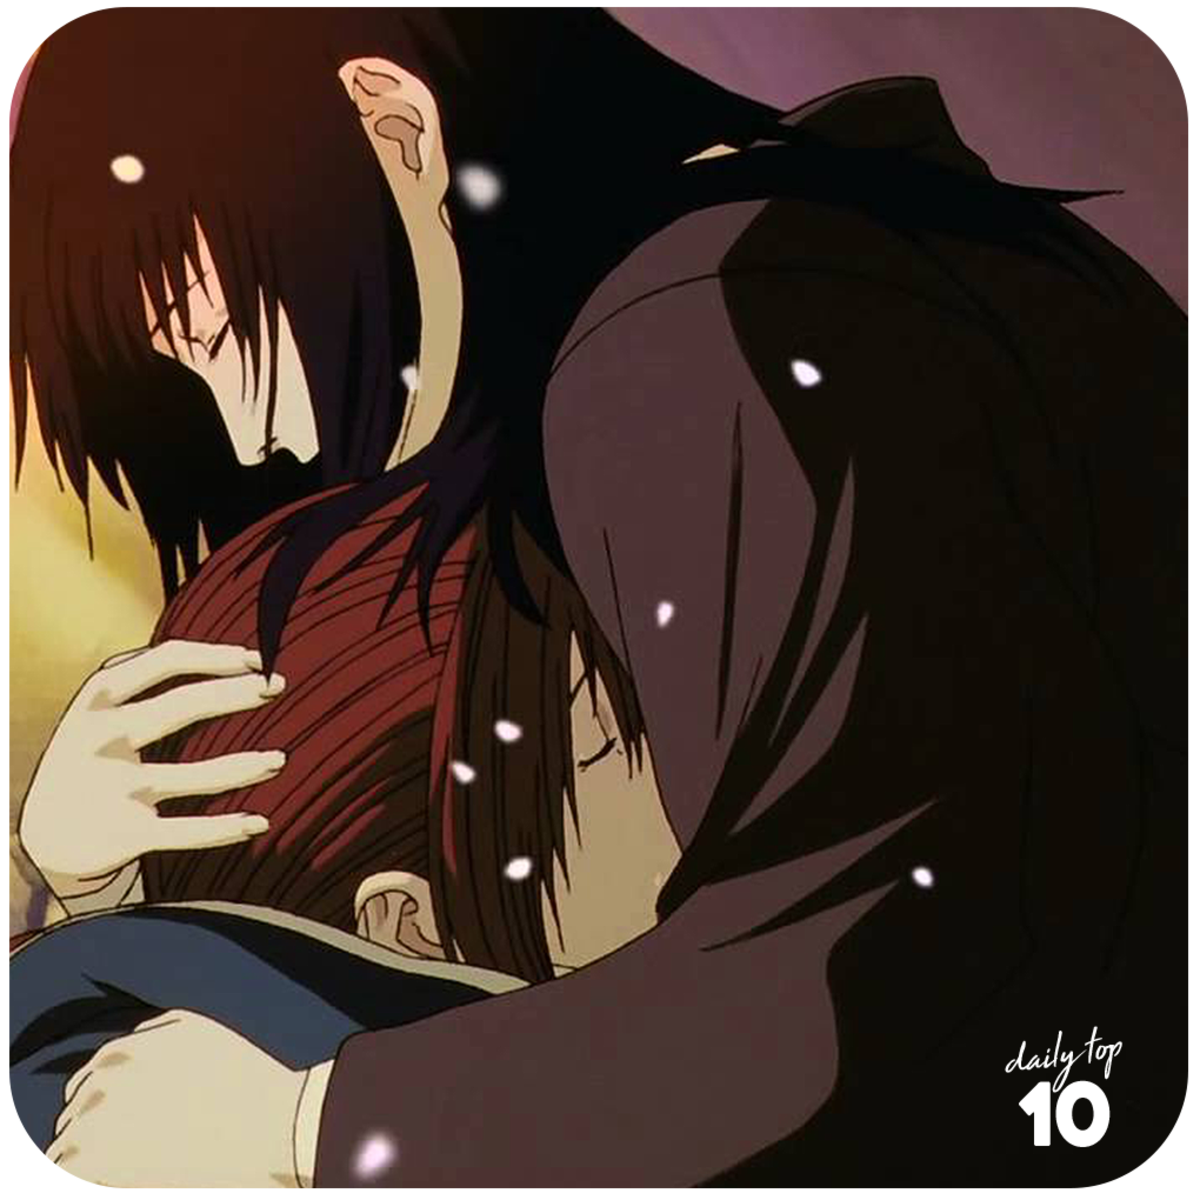 Kenshin dies on Kaoru's arms